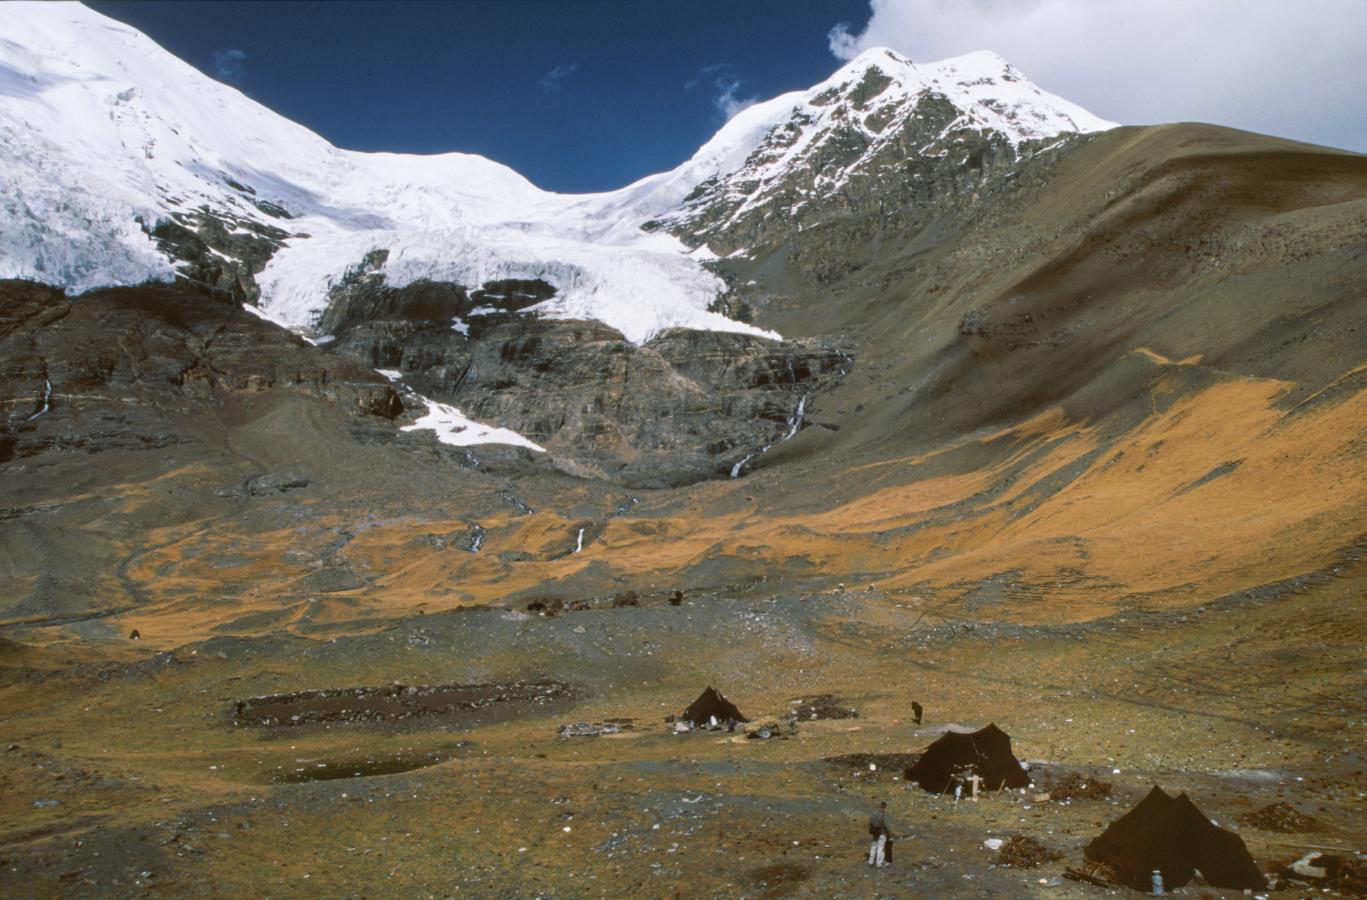 kharola-glacier-tibet-2000